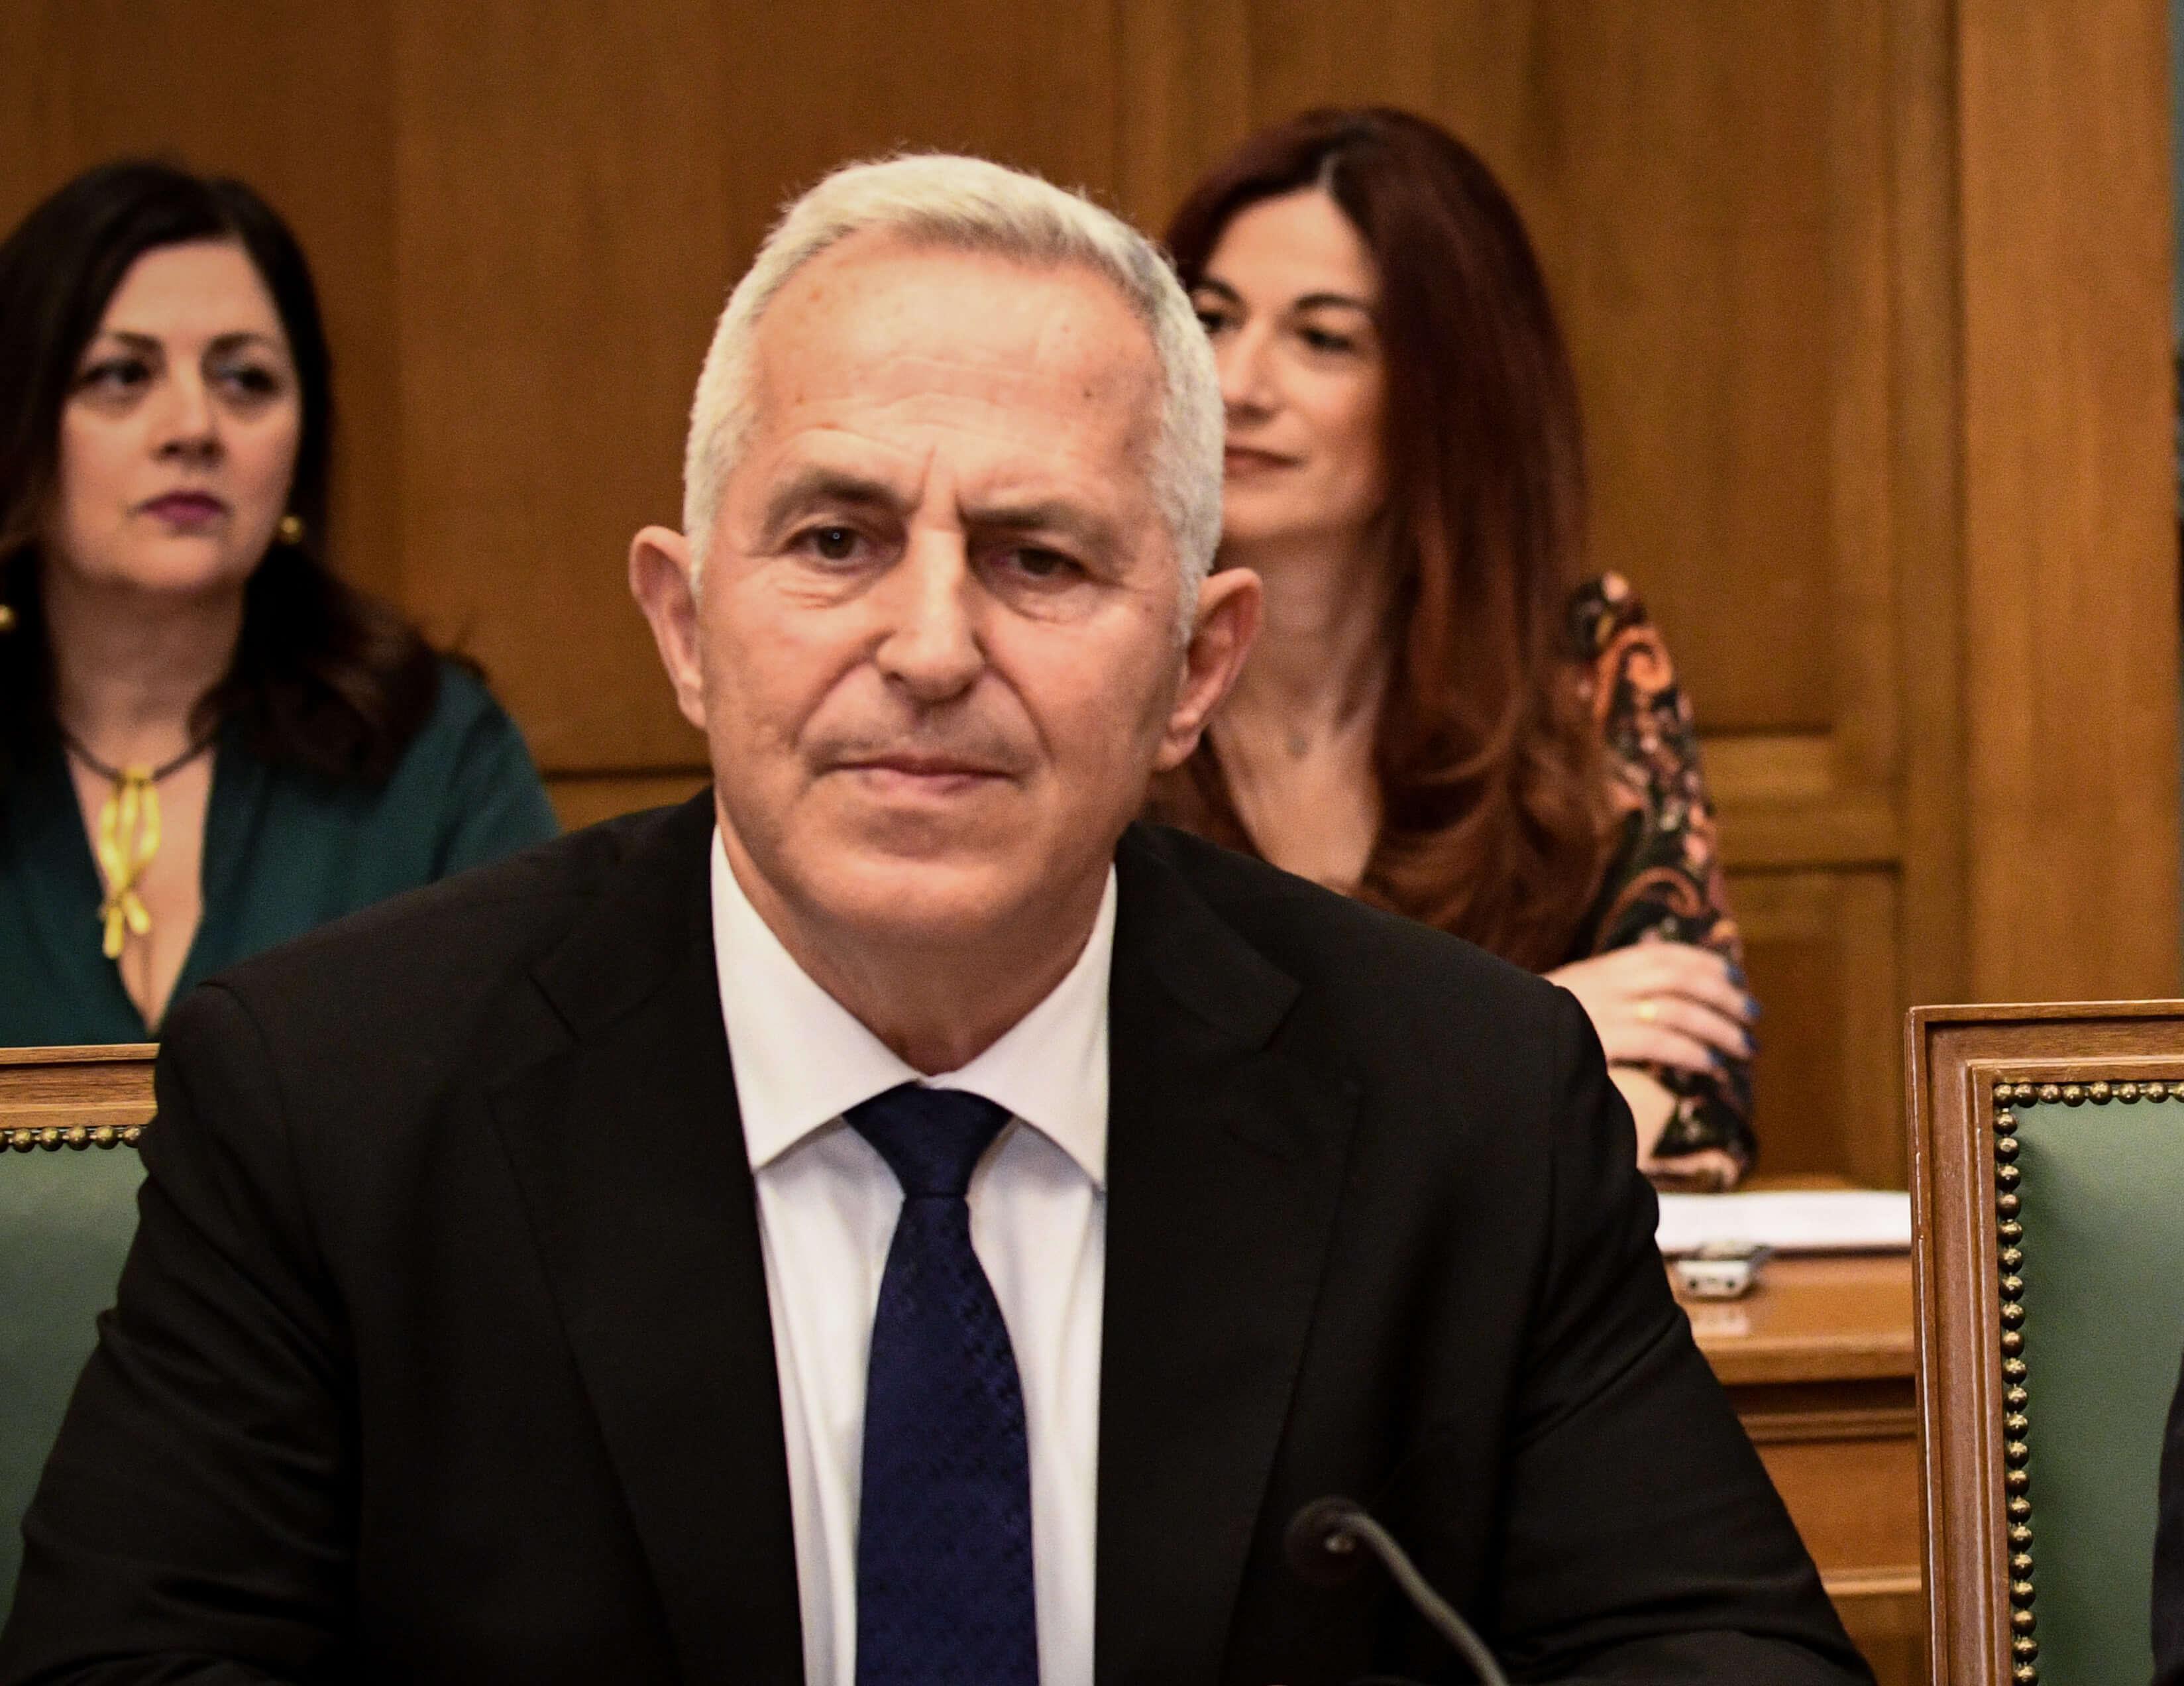 Αποστολάκης: Όποιος αμφισβητήσει τα σύνορά μας θα λάβει συντριπτική απάντηση